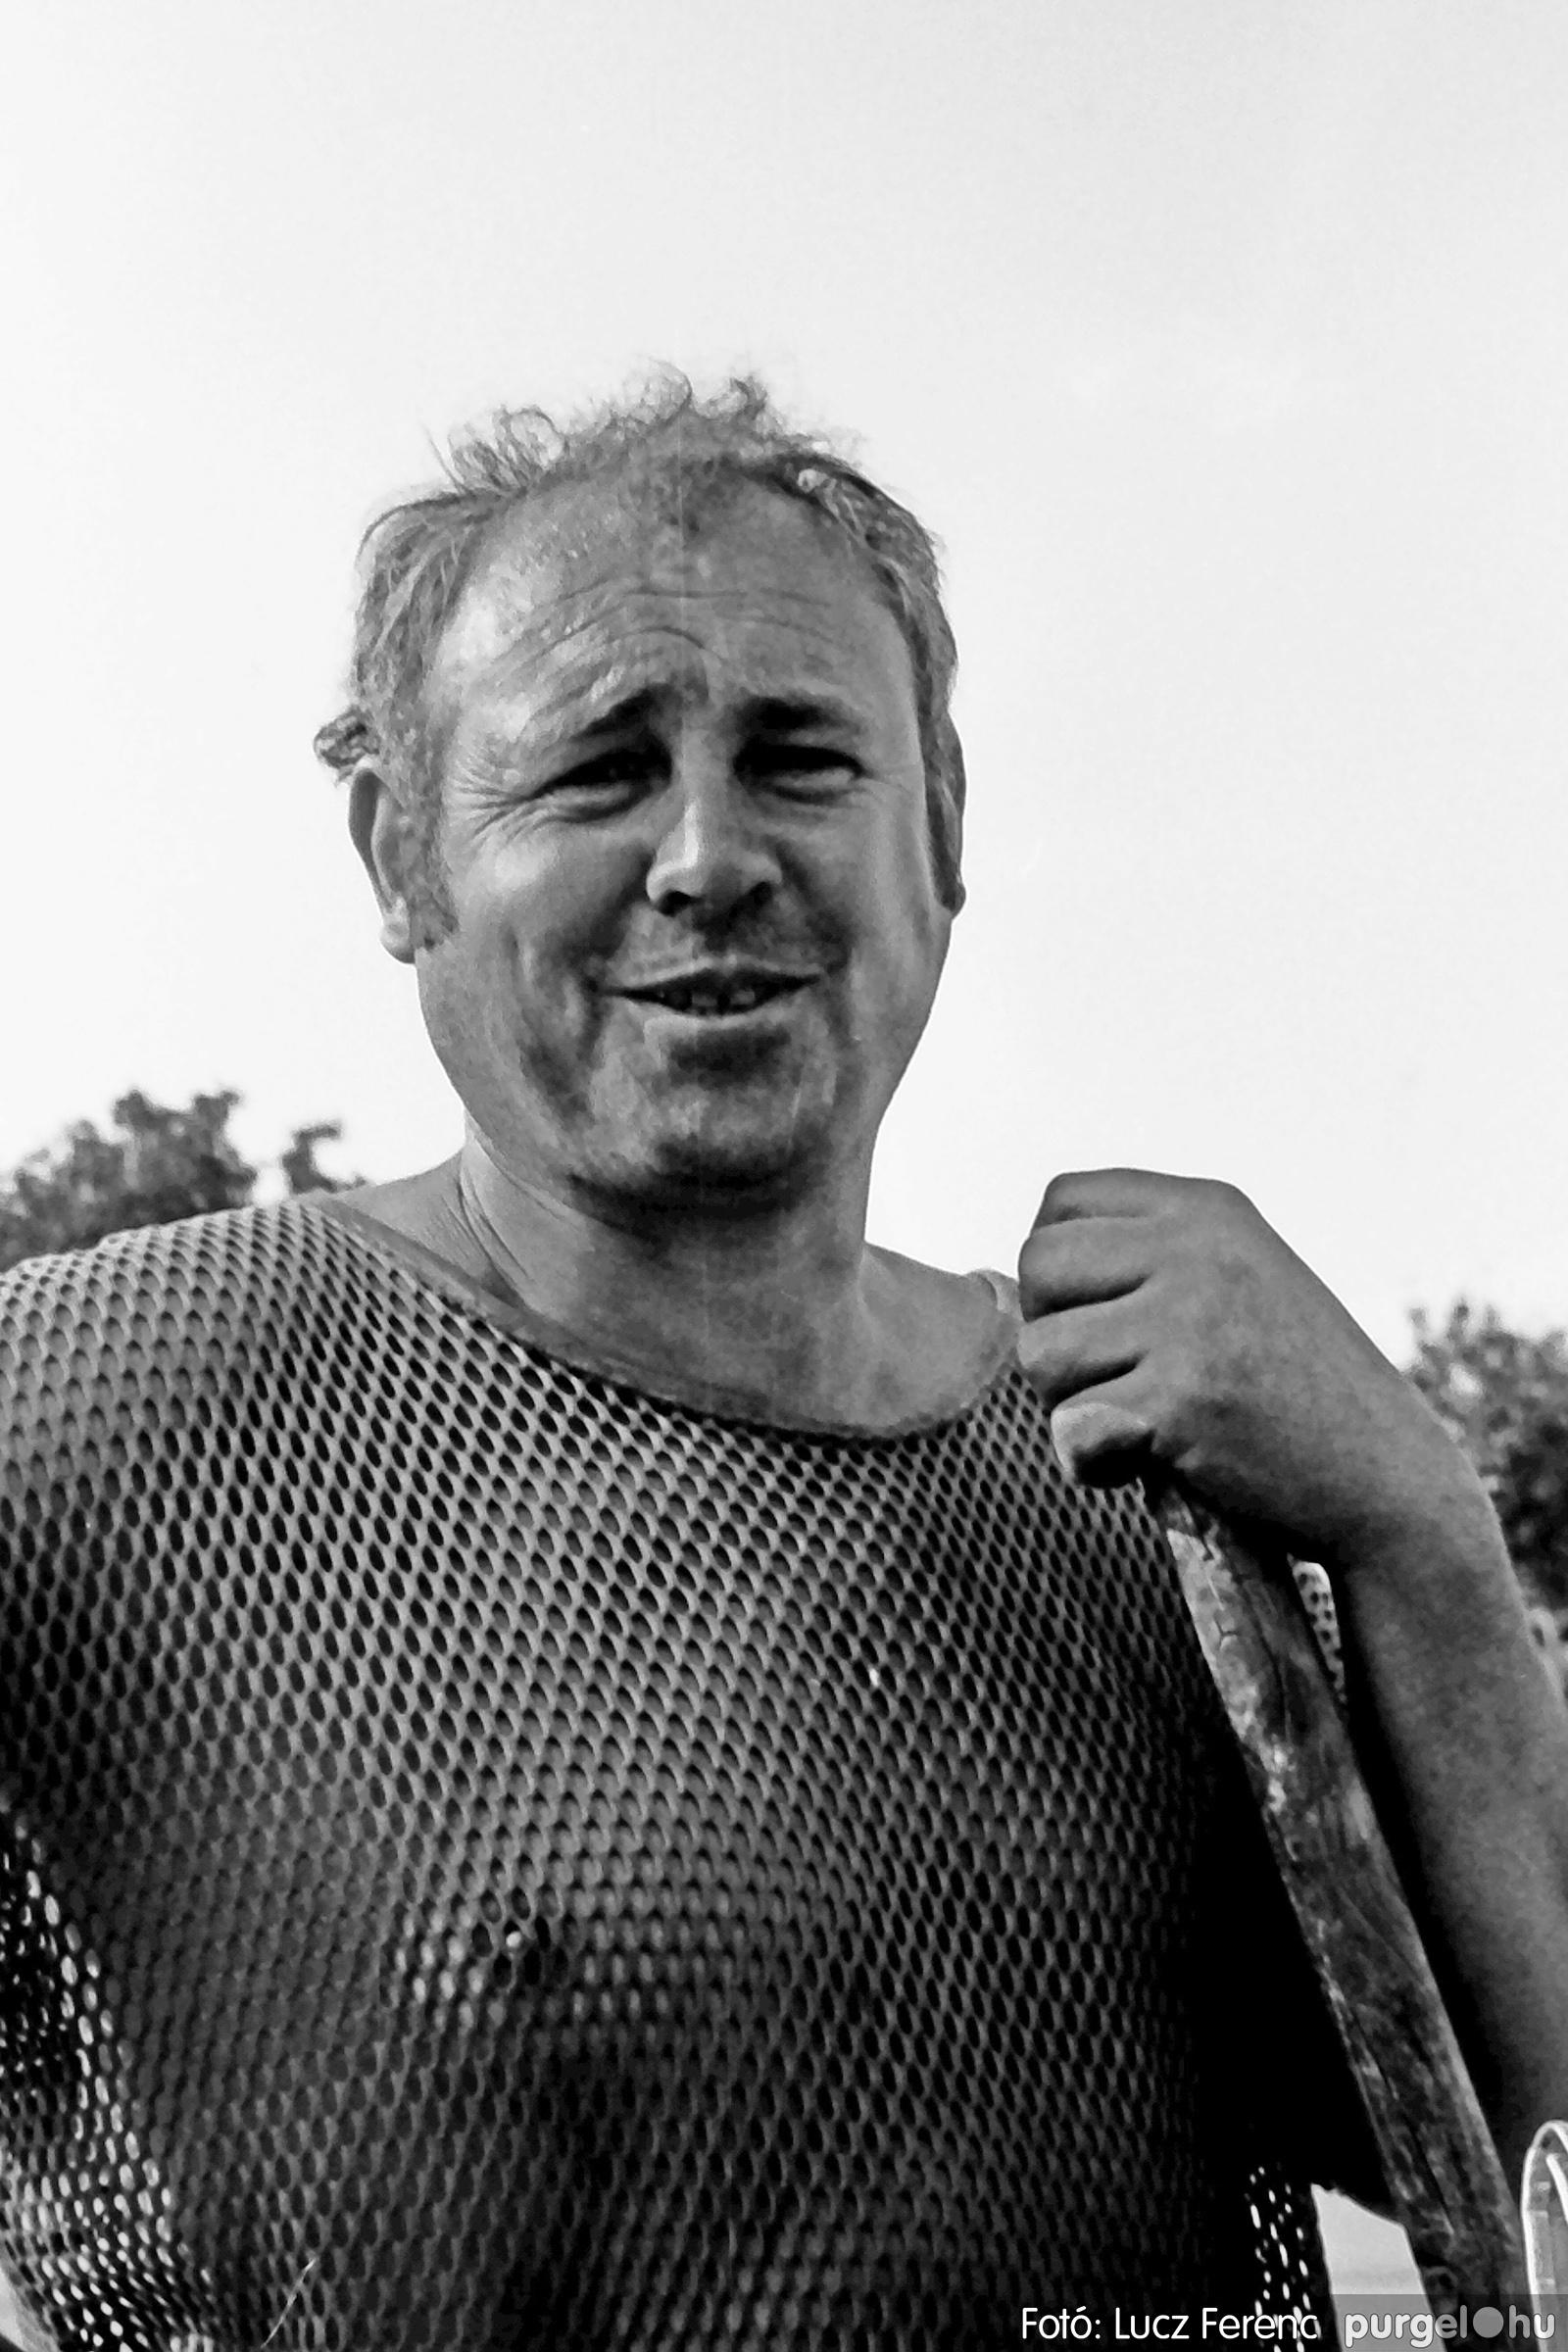 048, 051. 1976. Társadalmi munka 048. - Fotó: Lucz Ferenc.jpg